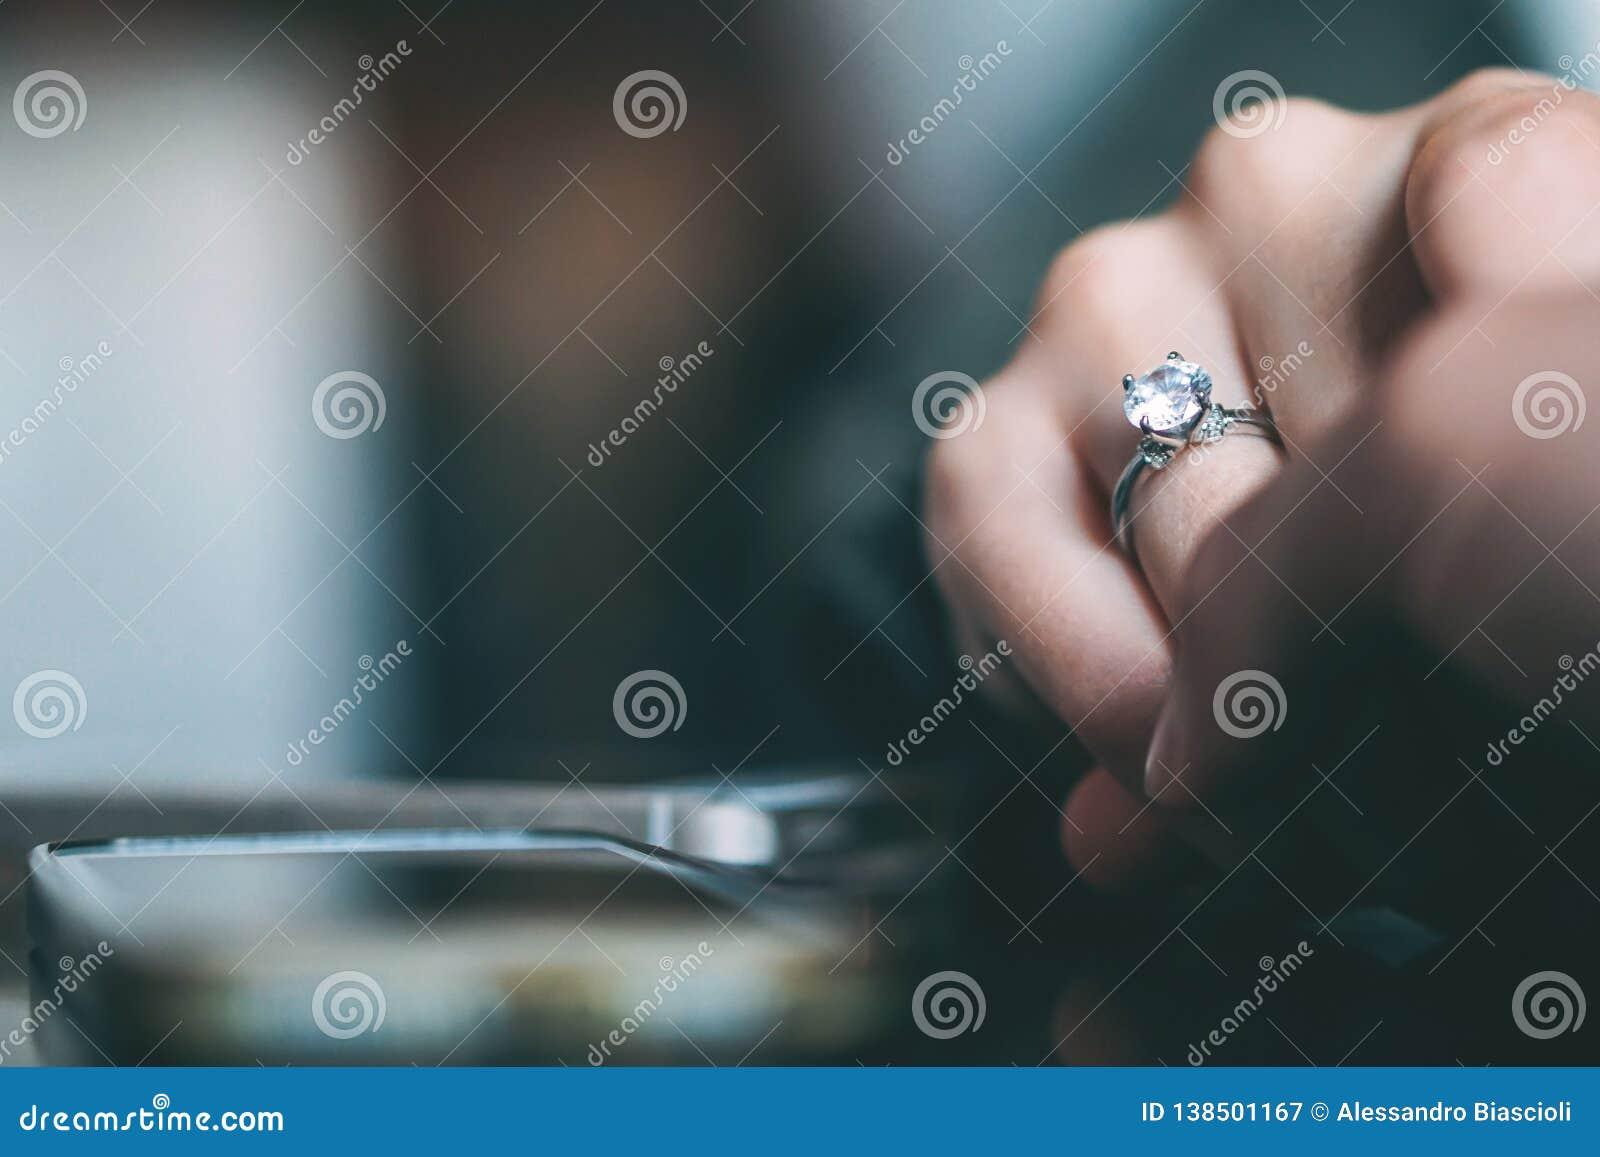 Propuesta de matrimonio del hombre - novio que propone a su novia conseguir casado - concepto de relación de la gente, presente d